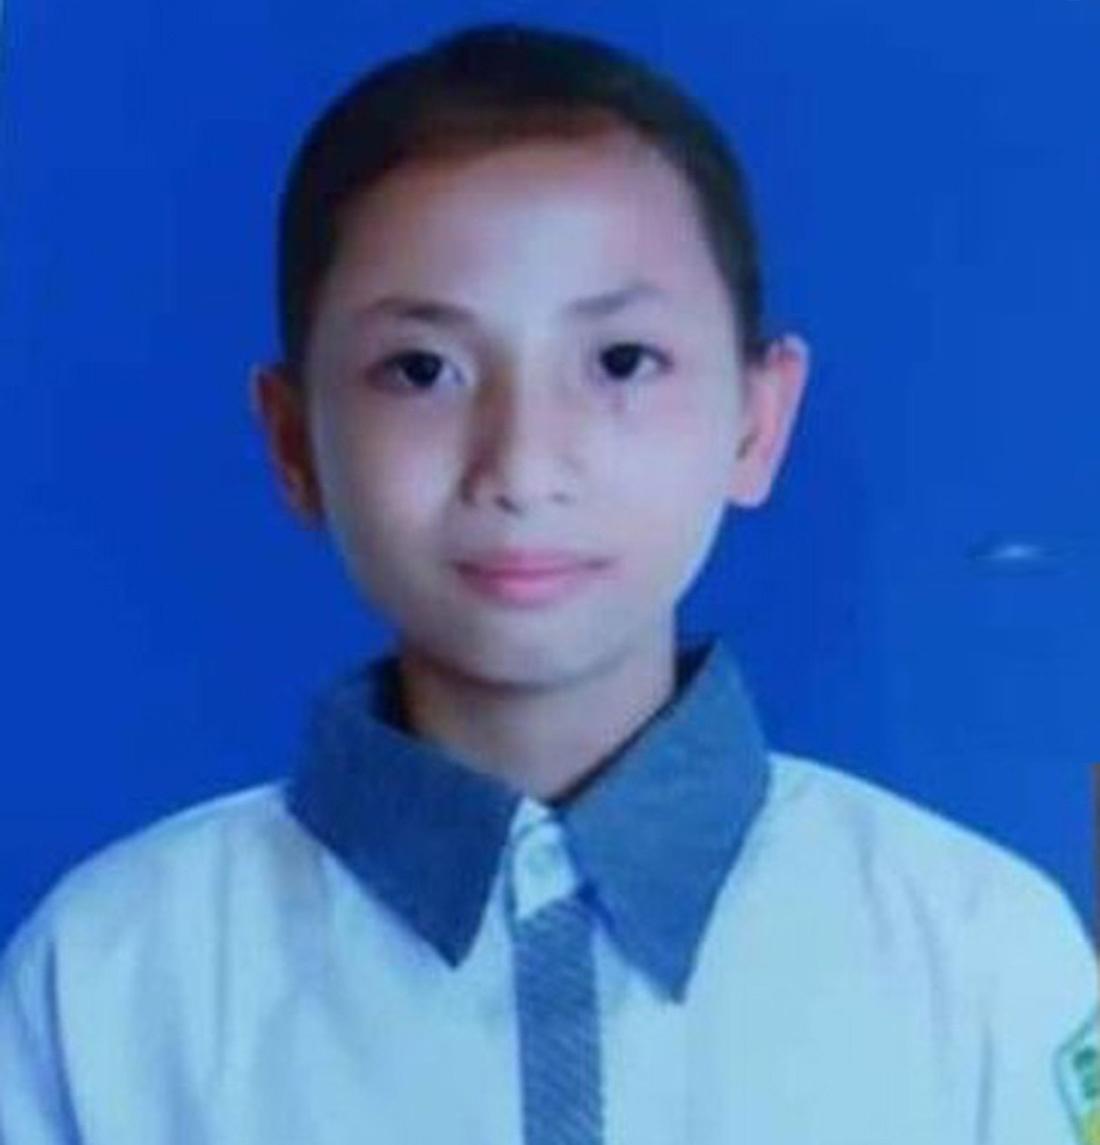 Bé gái 14 tuổi đi mua thuốc cho mẹ rồi mất tích